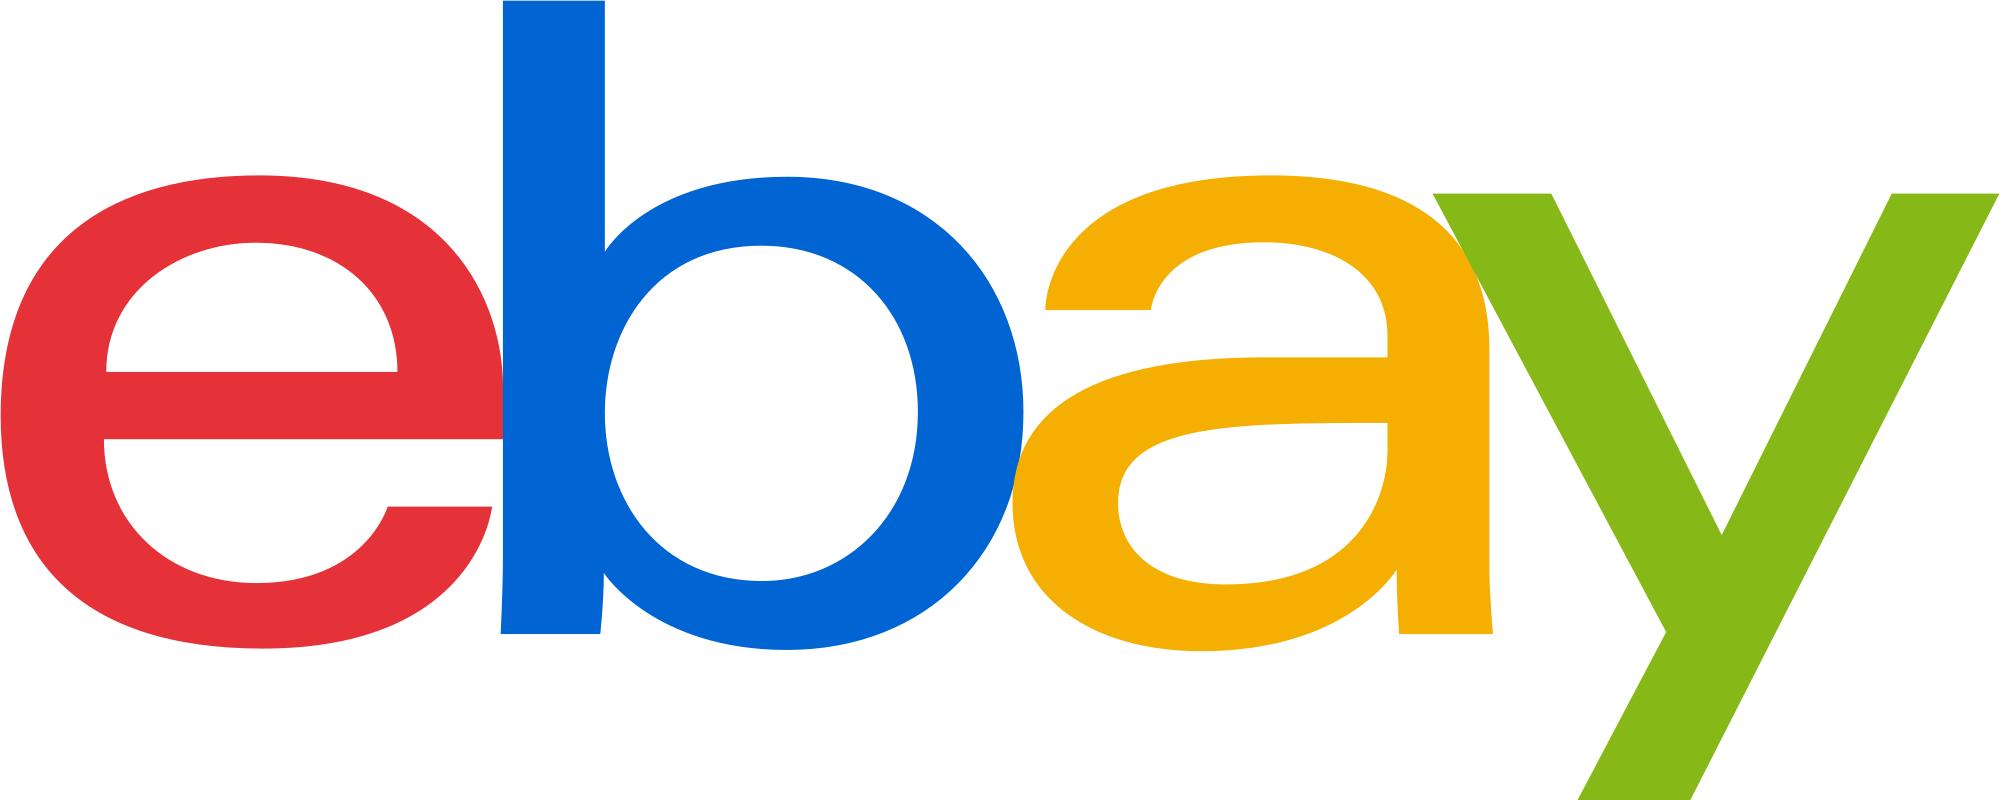 [eBay] 15% Gutschein auf Medion und Teufel (ausgewählter Artikel)  ab 19.07.